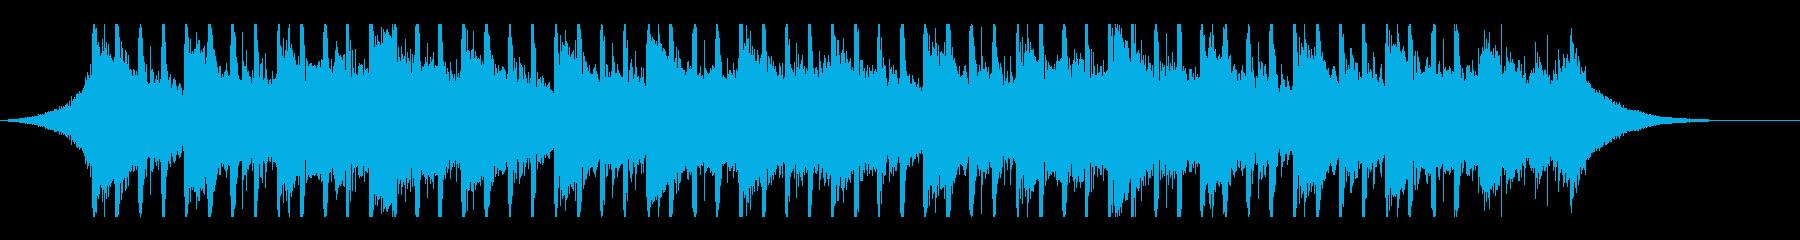 企業業績(40秒)の再生済みの波形